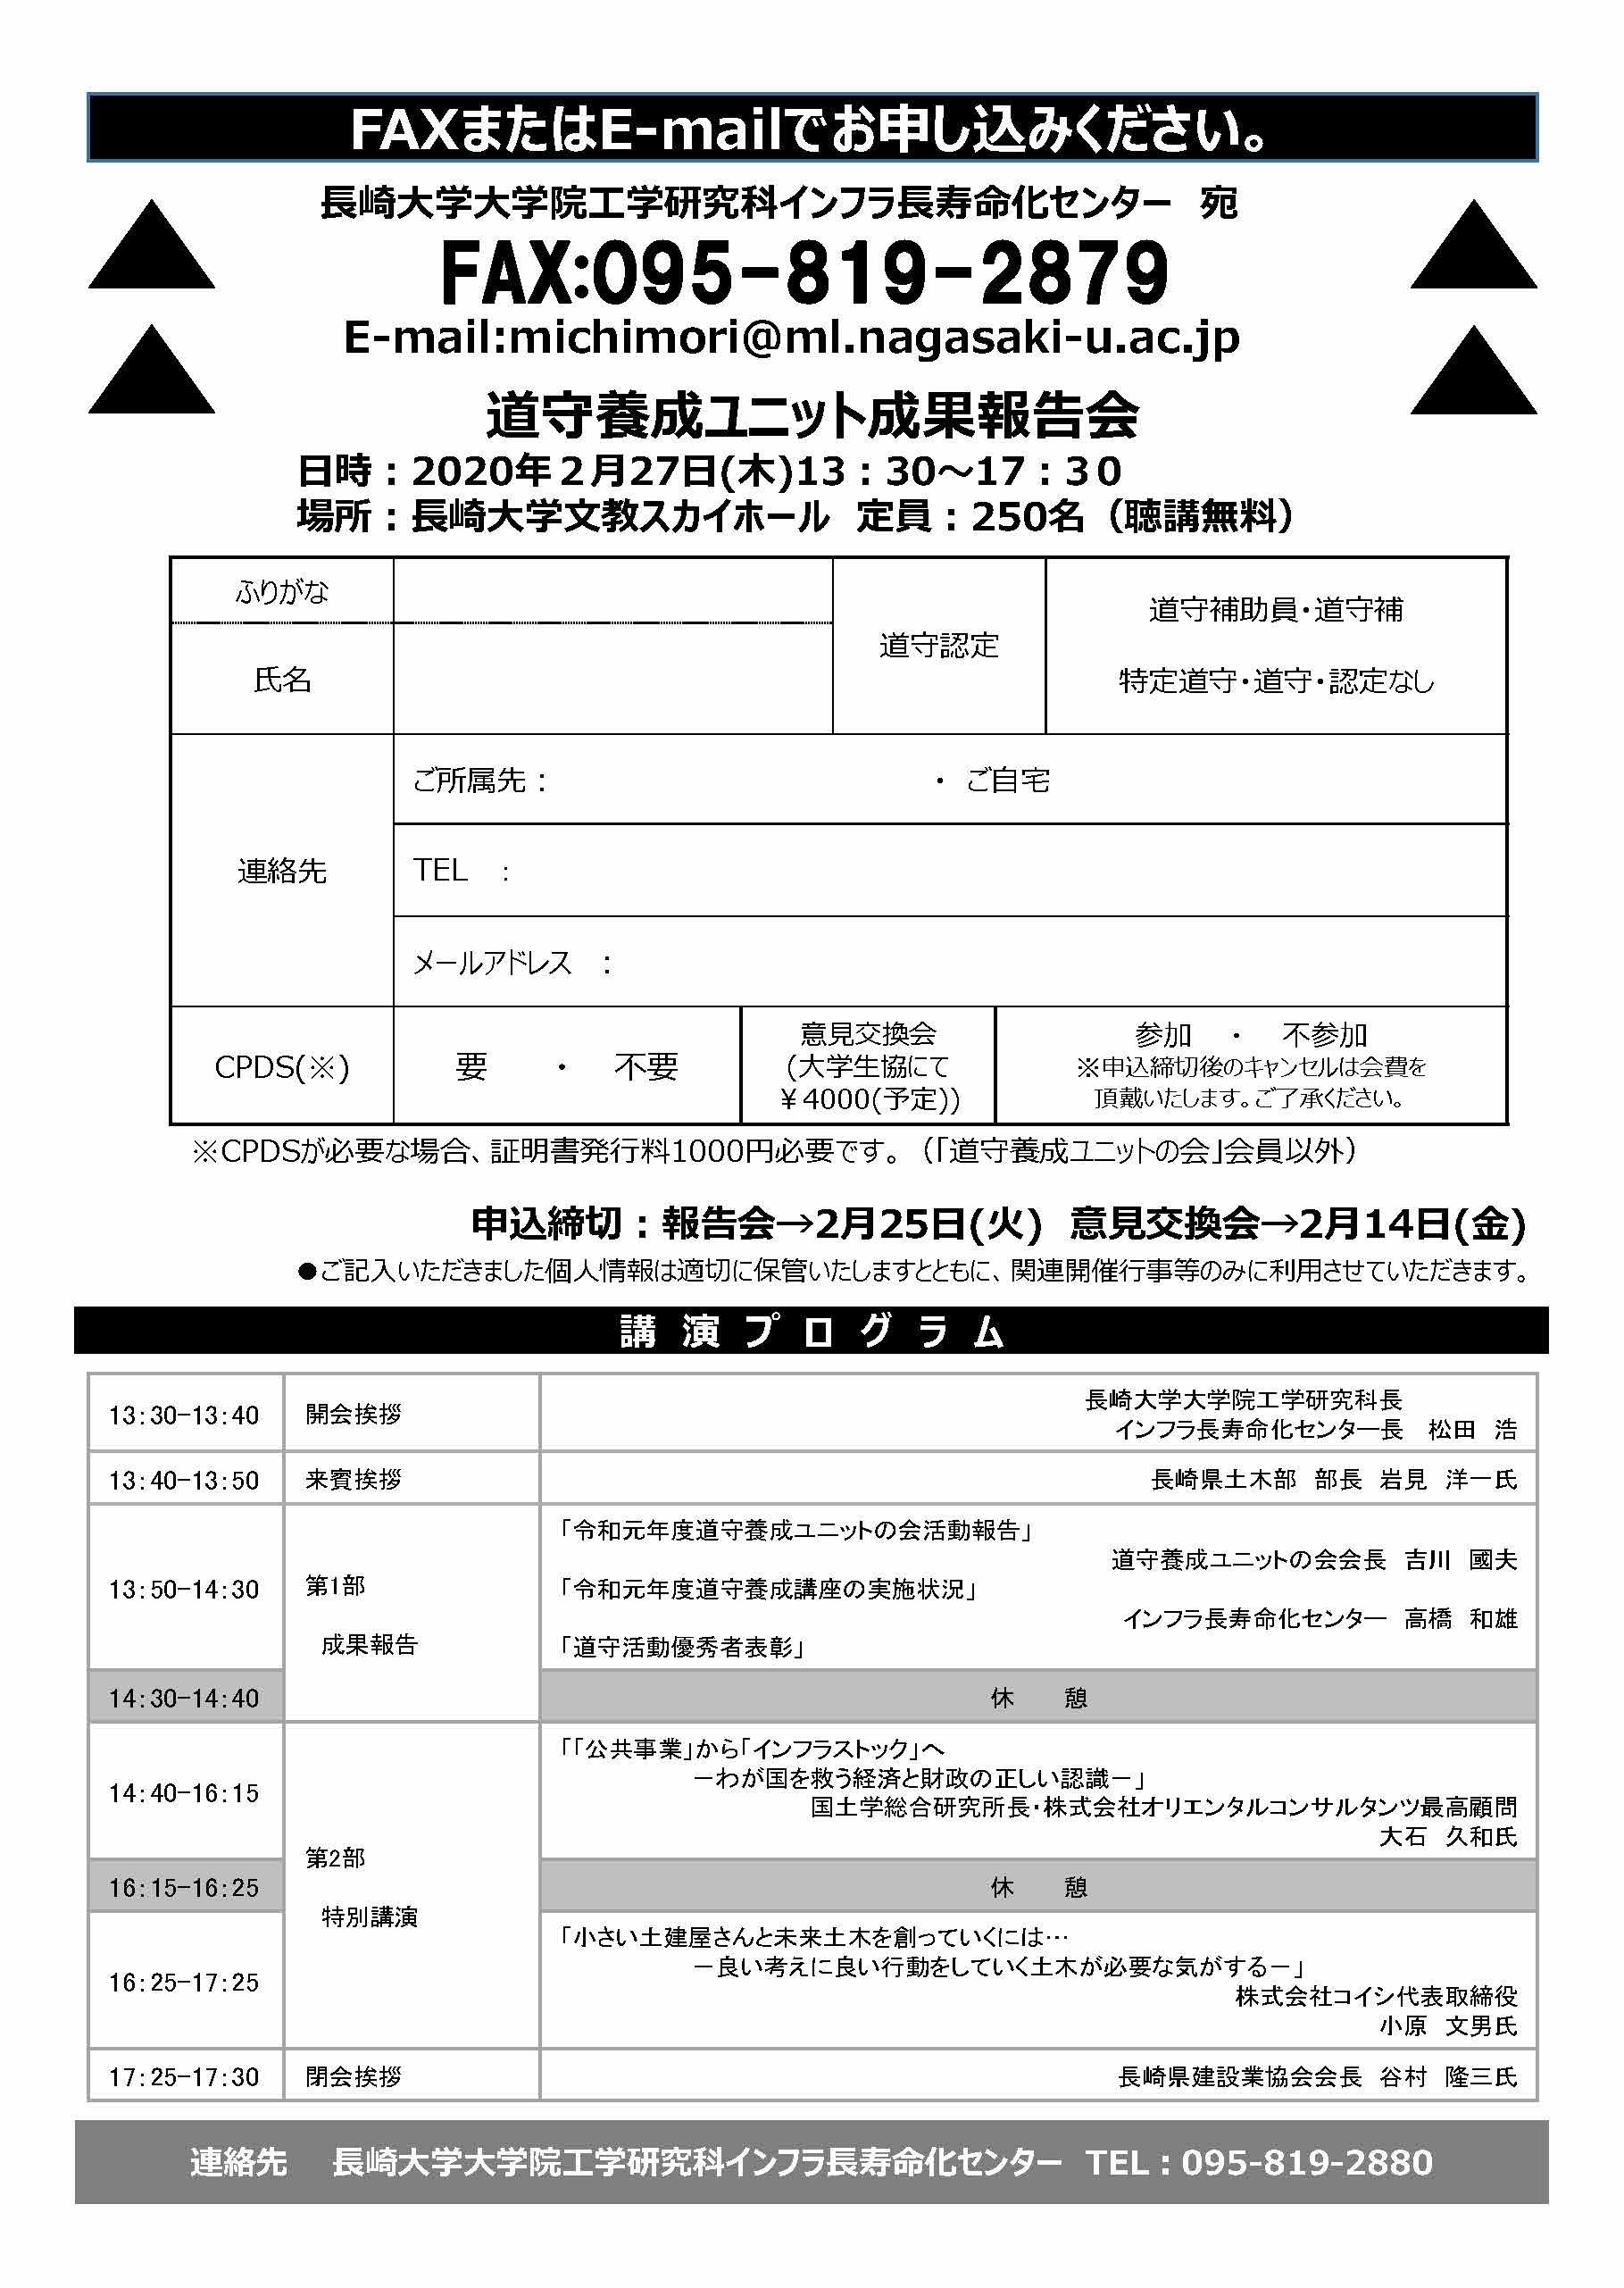 令和元年度道守養成ユニット成果報告会(特別講演会)申込用紙